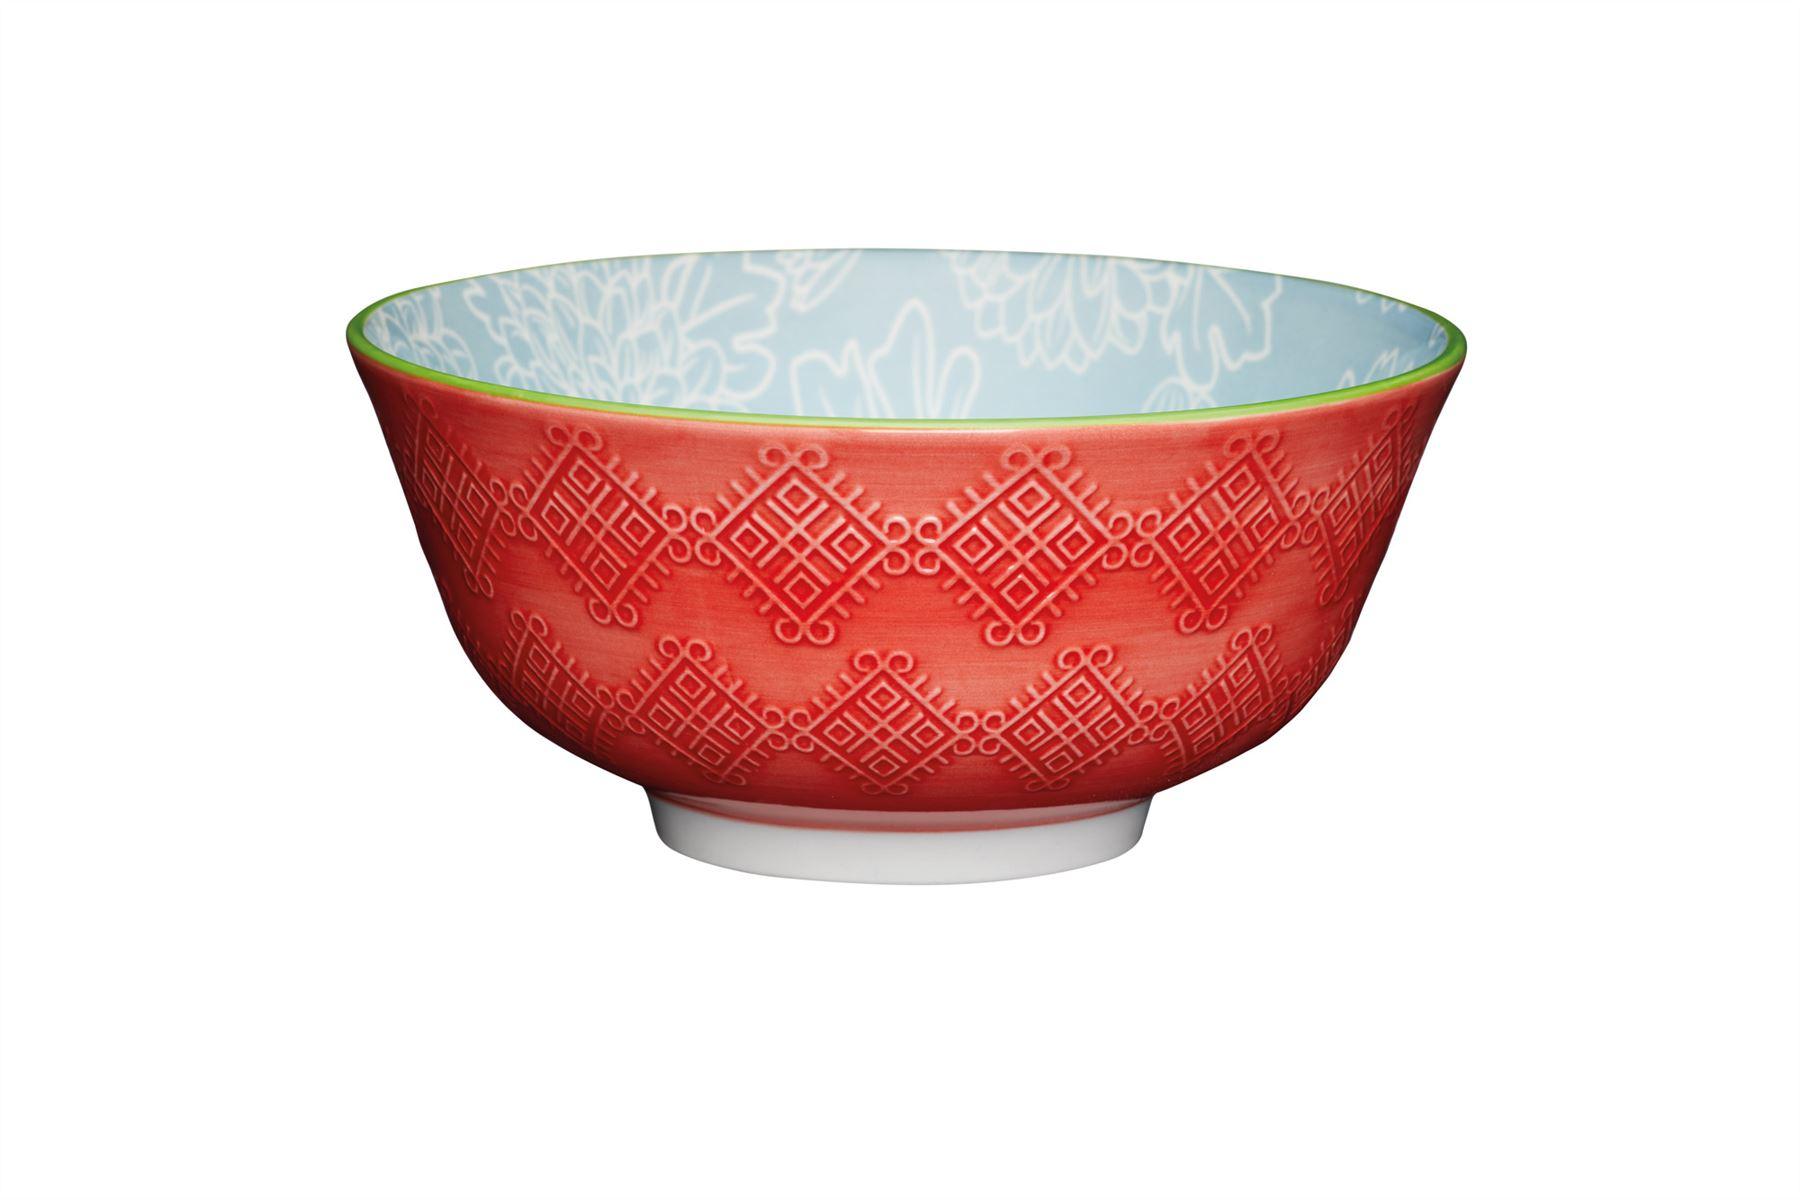 Jamie Oliver Terracotta Schale Snackschale Aufbewahrung Schieferfarben Ø 17 cm